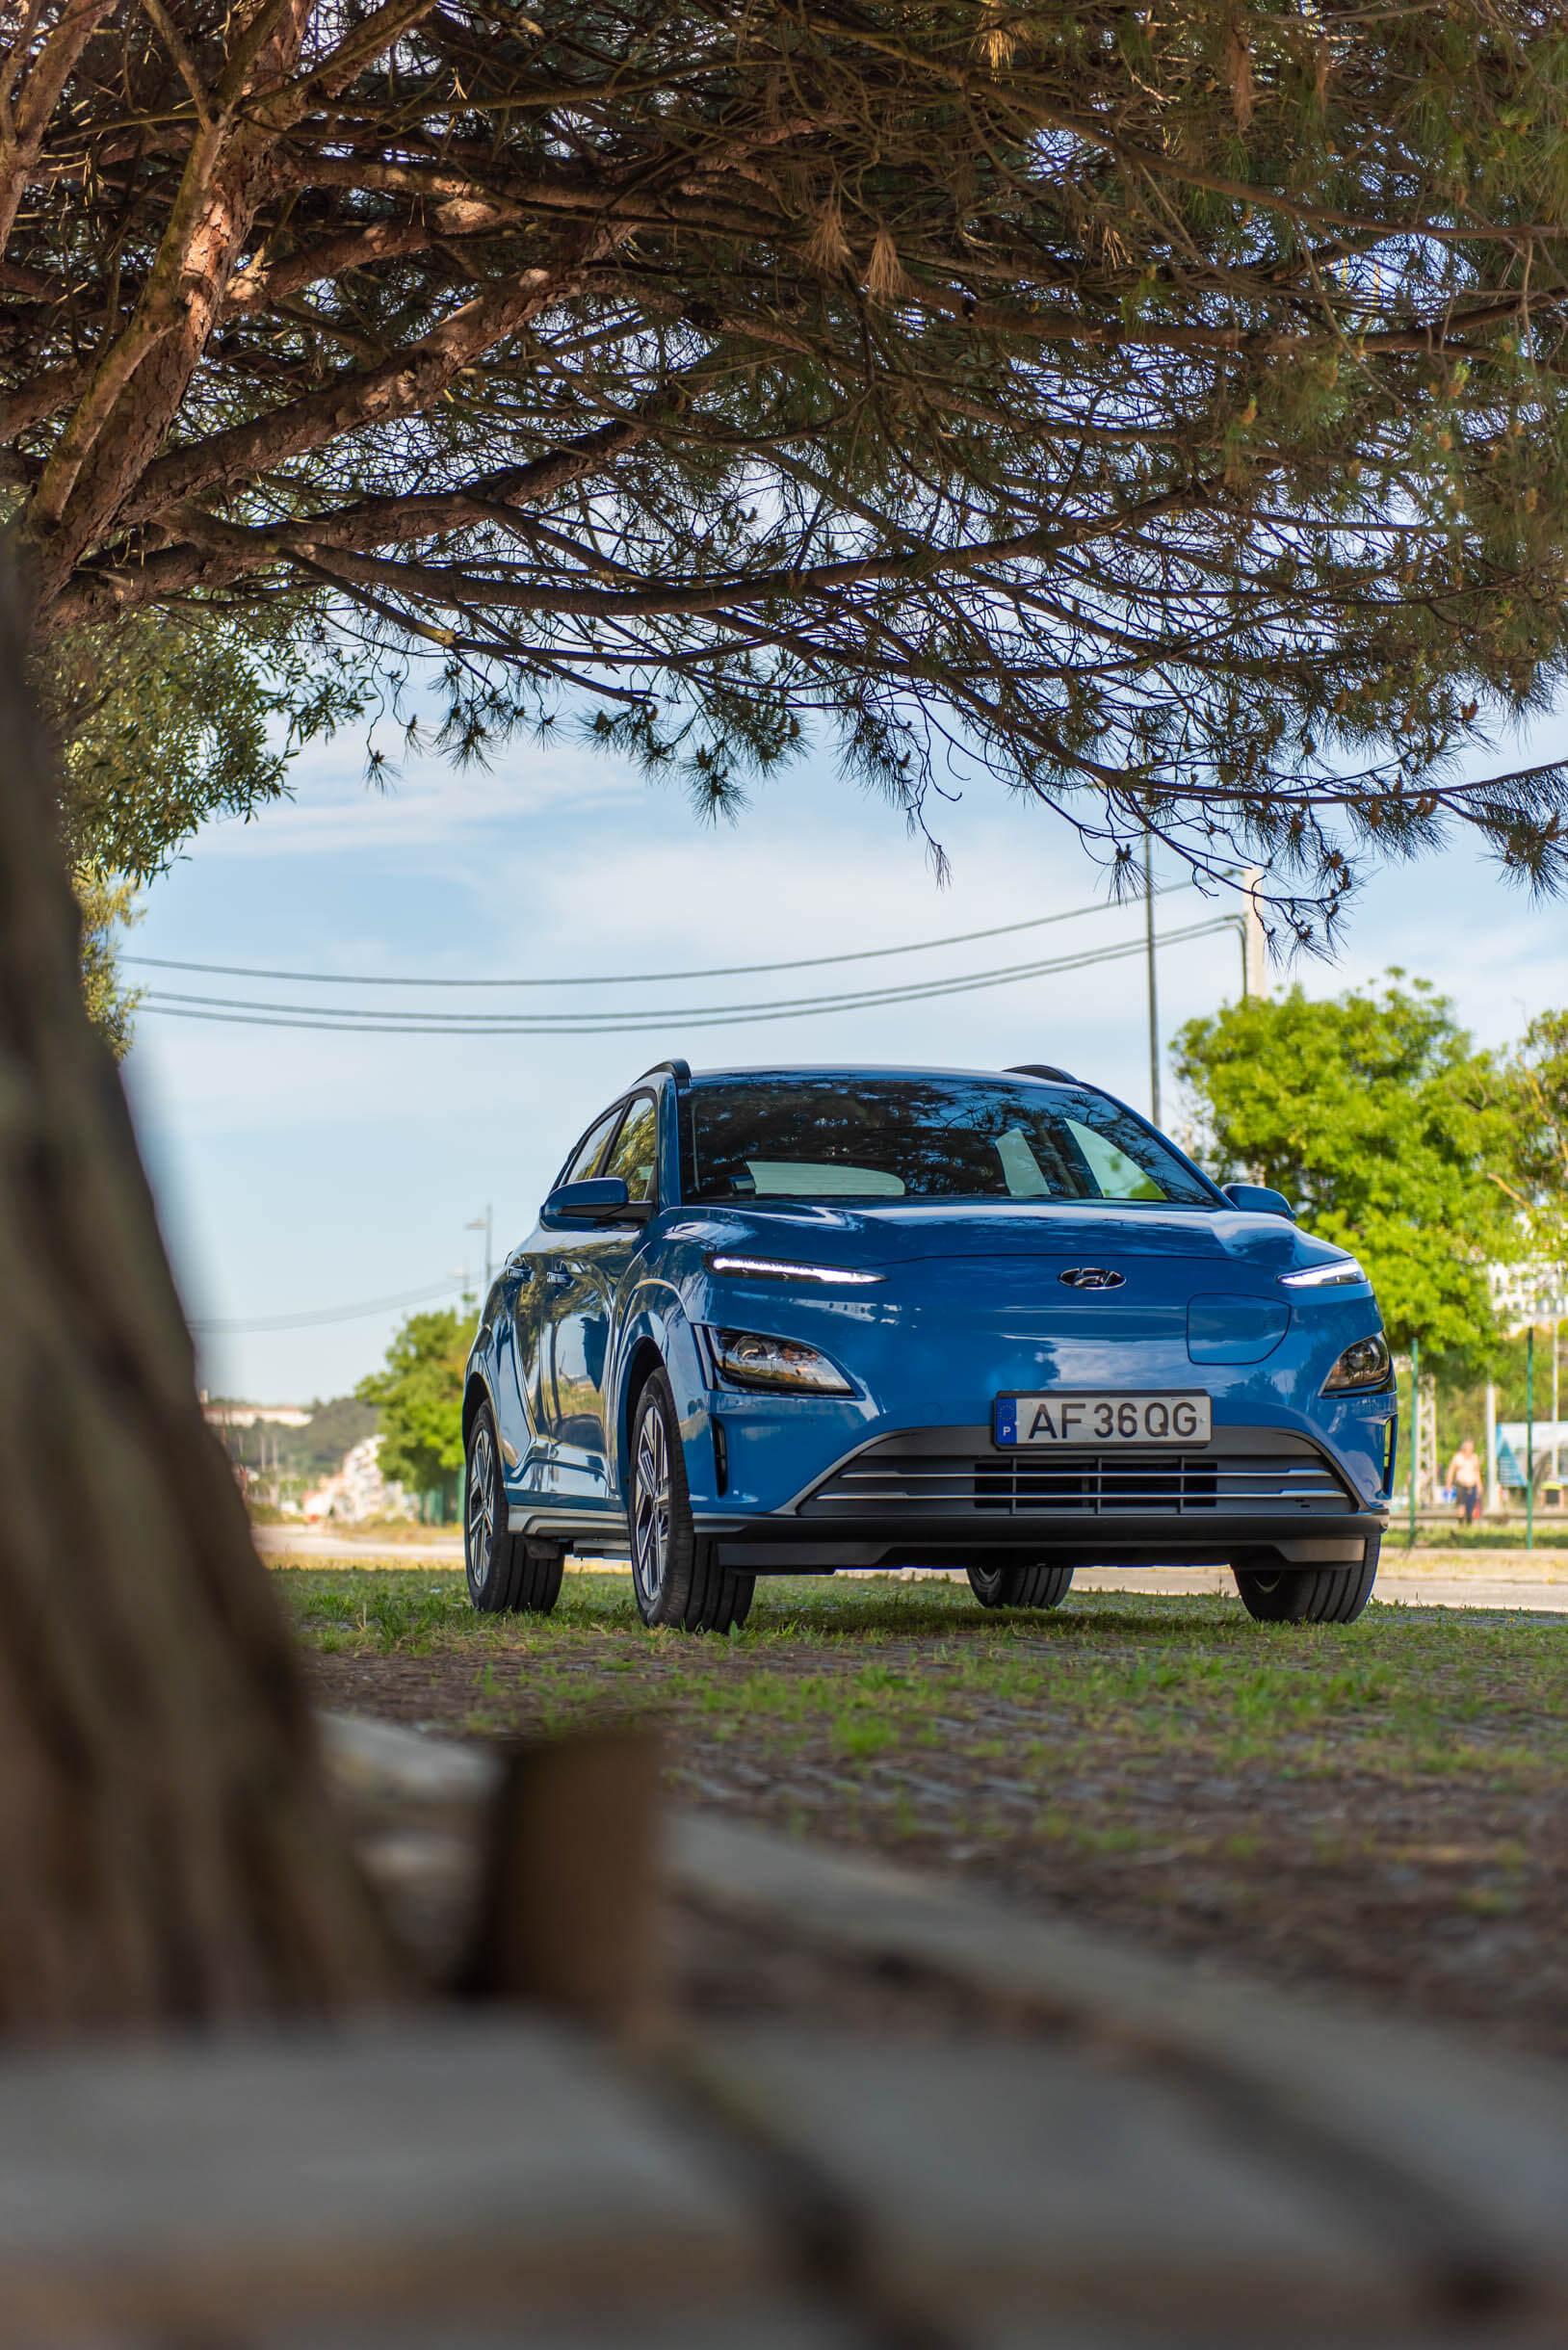 Hyundai Kauai EV 39 kWh